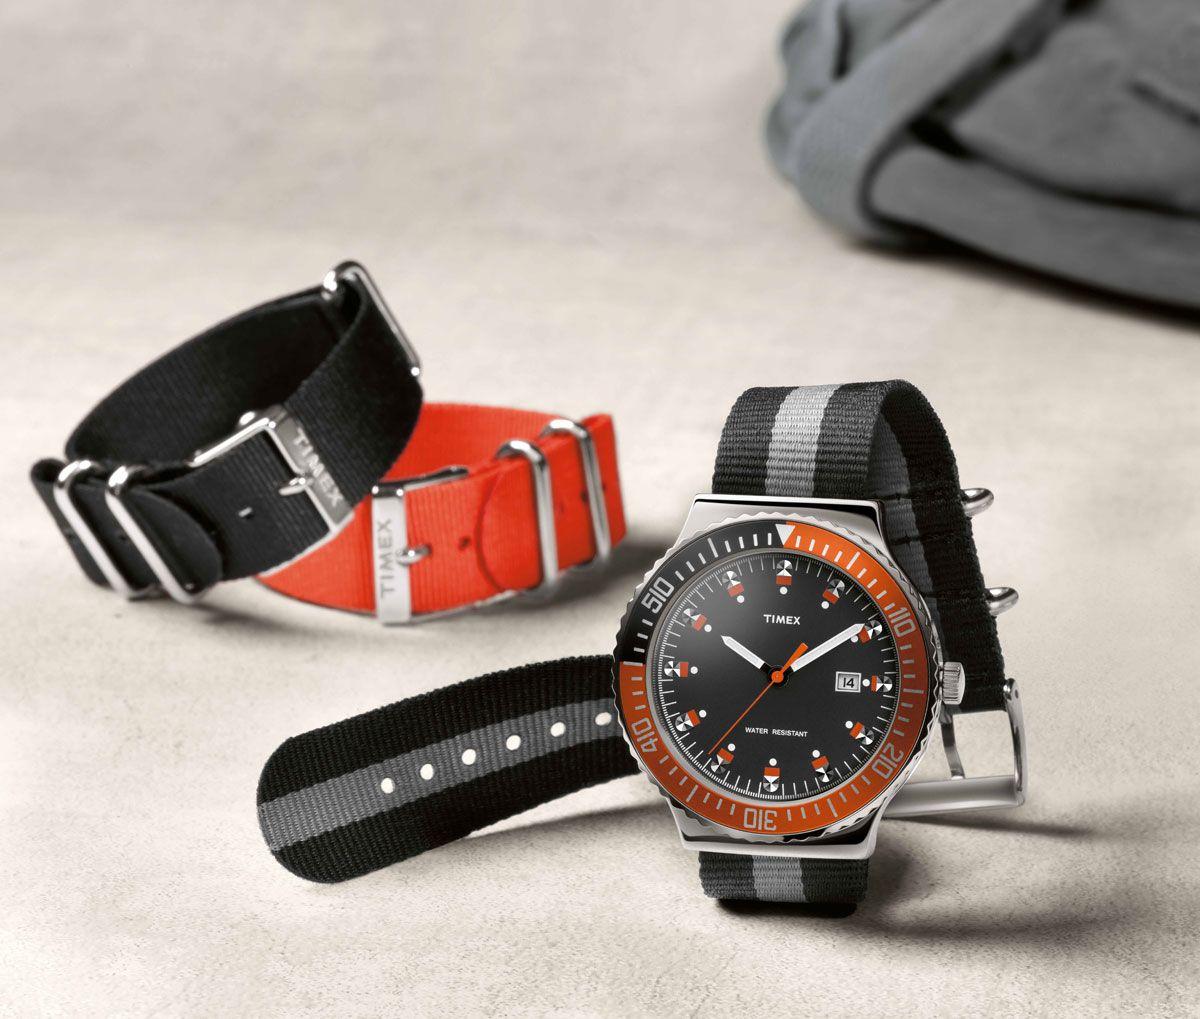 Mit derTIMEX Originals Vintage Inspired 1978 kehrt ein Klassiker der 70er Jahre zurück an die Handgelenke. Mit moderner Technik ausgestattet verströmt die Uhr gekonnt den ungebrochenen Charme verg...